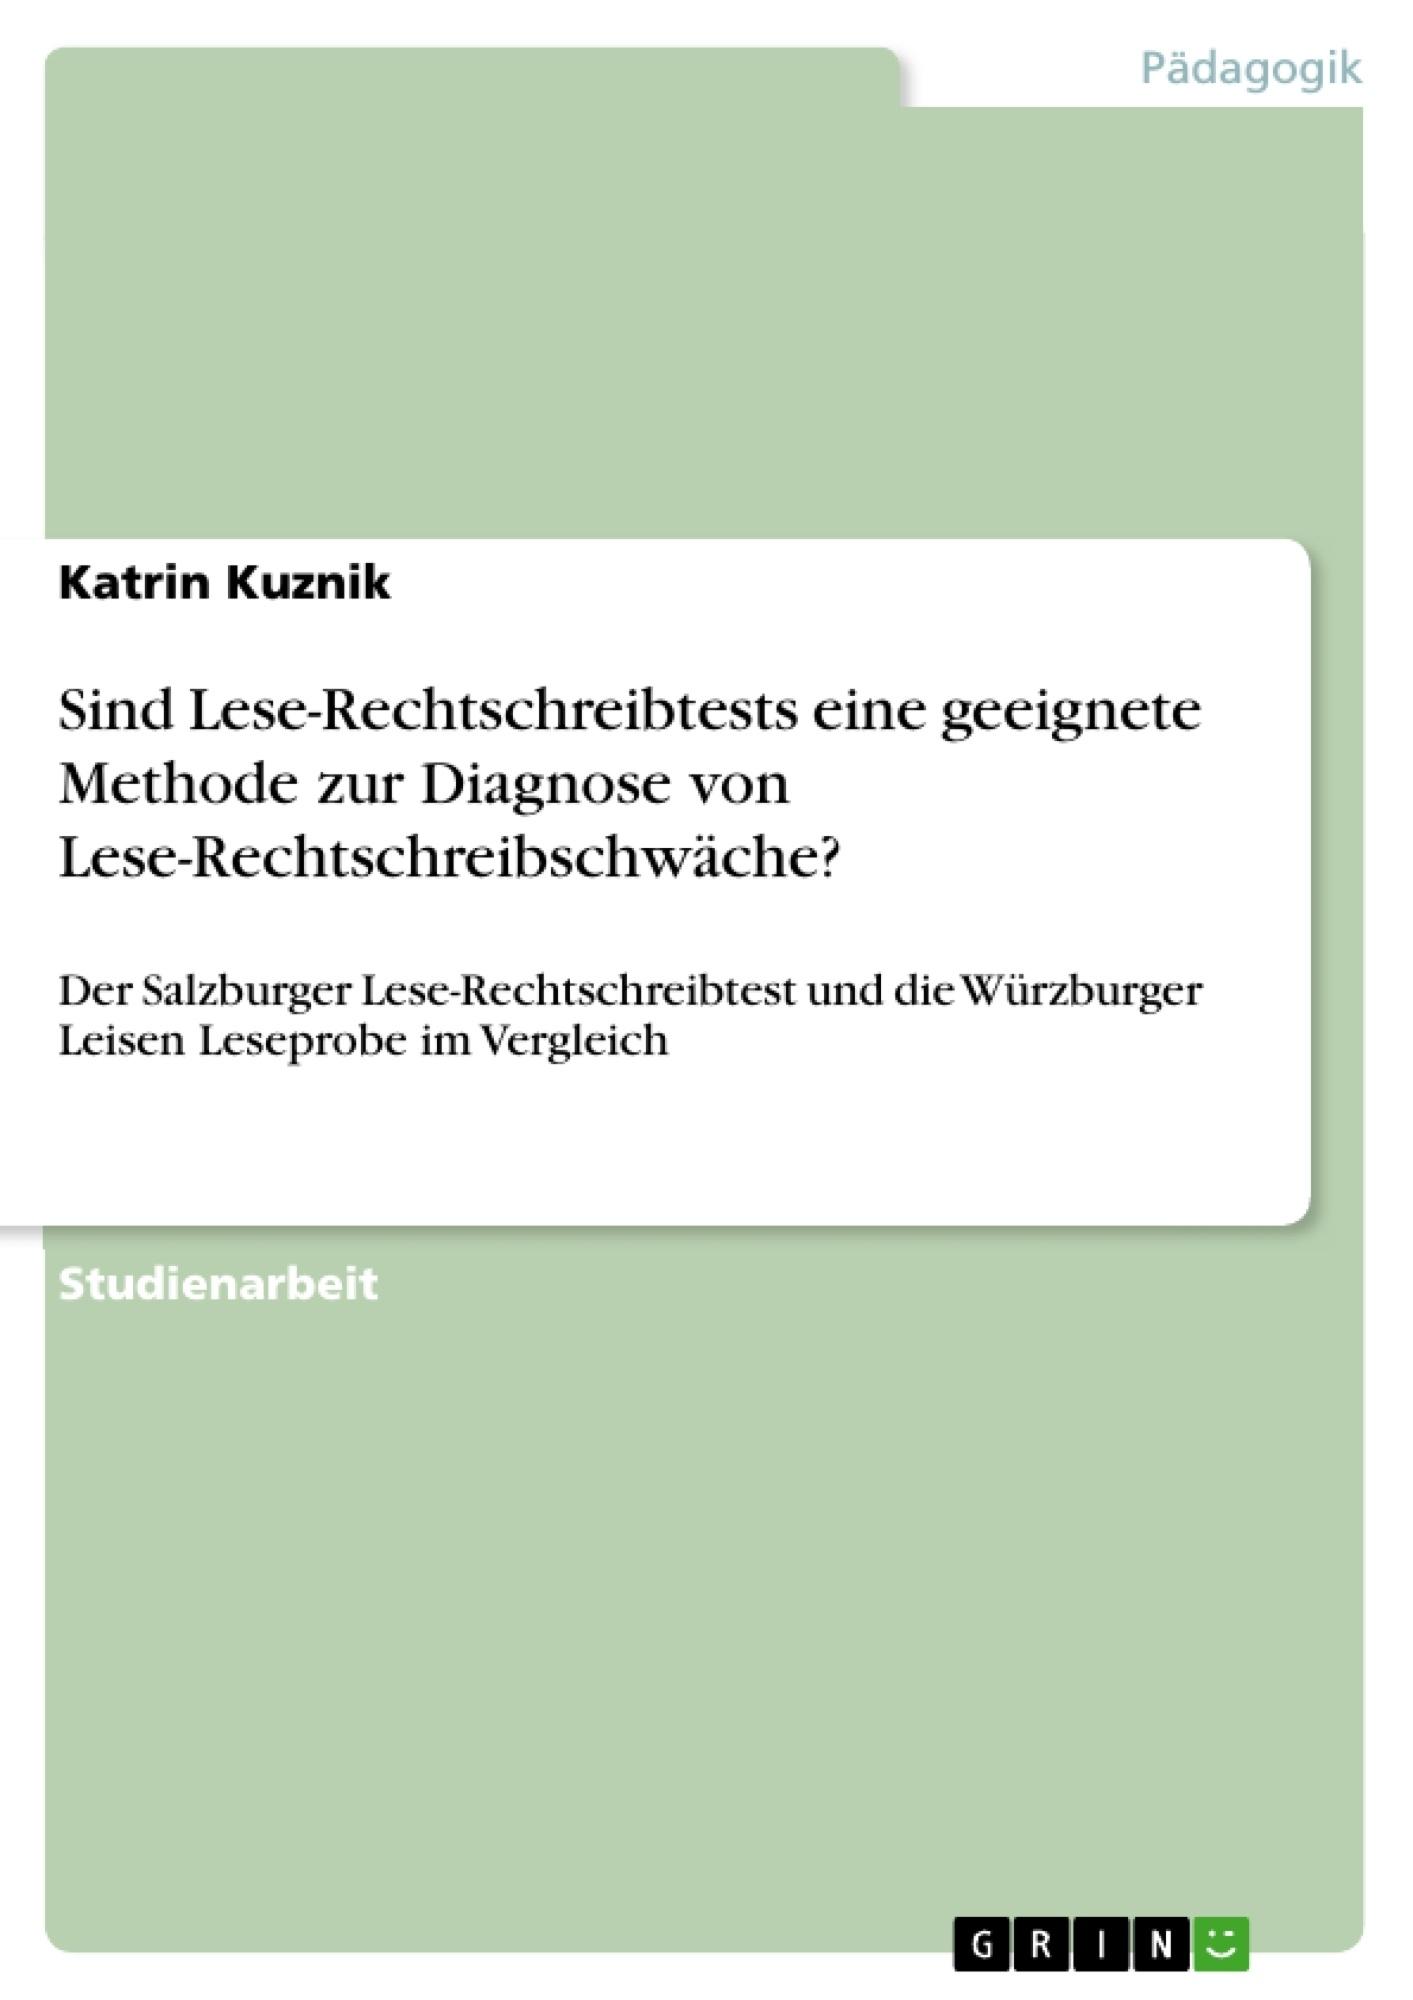 Titel: Sind Lese-Rechtschreibtests eine geeignete Methode zur Diagnose von Lese-Rechtschreibschwäche?